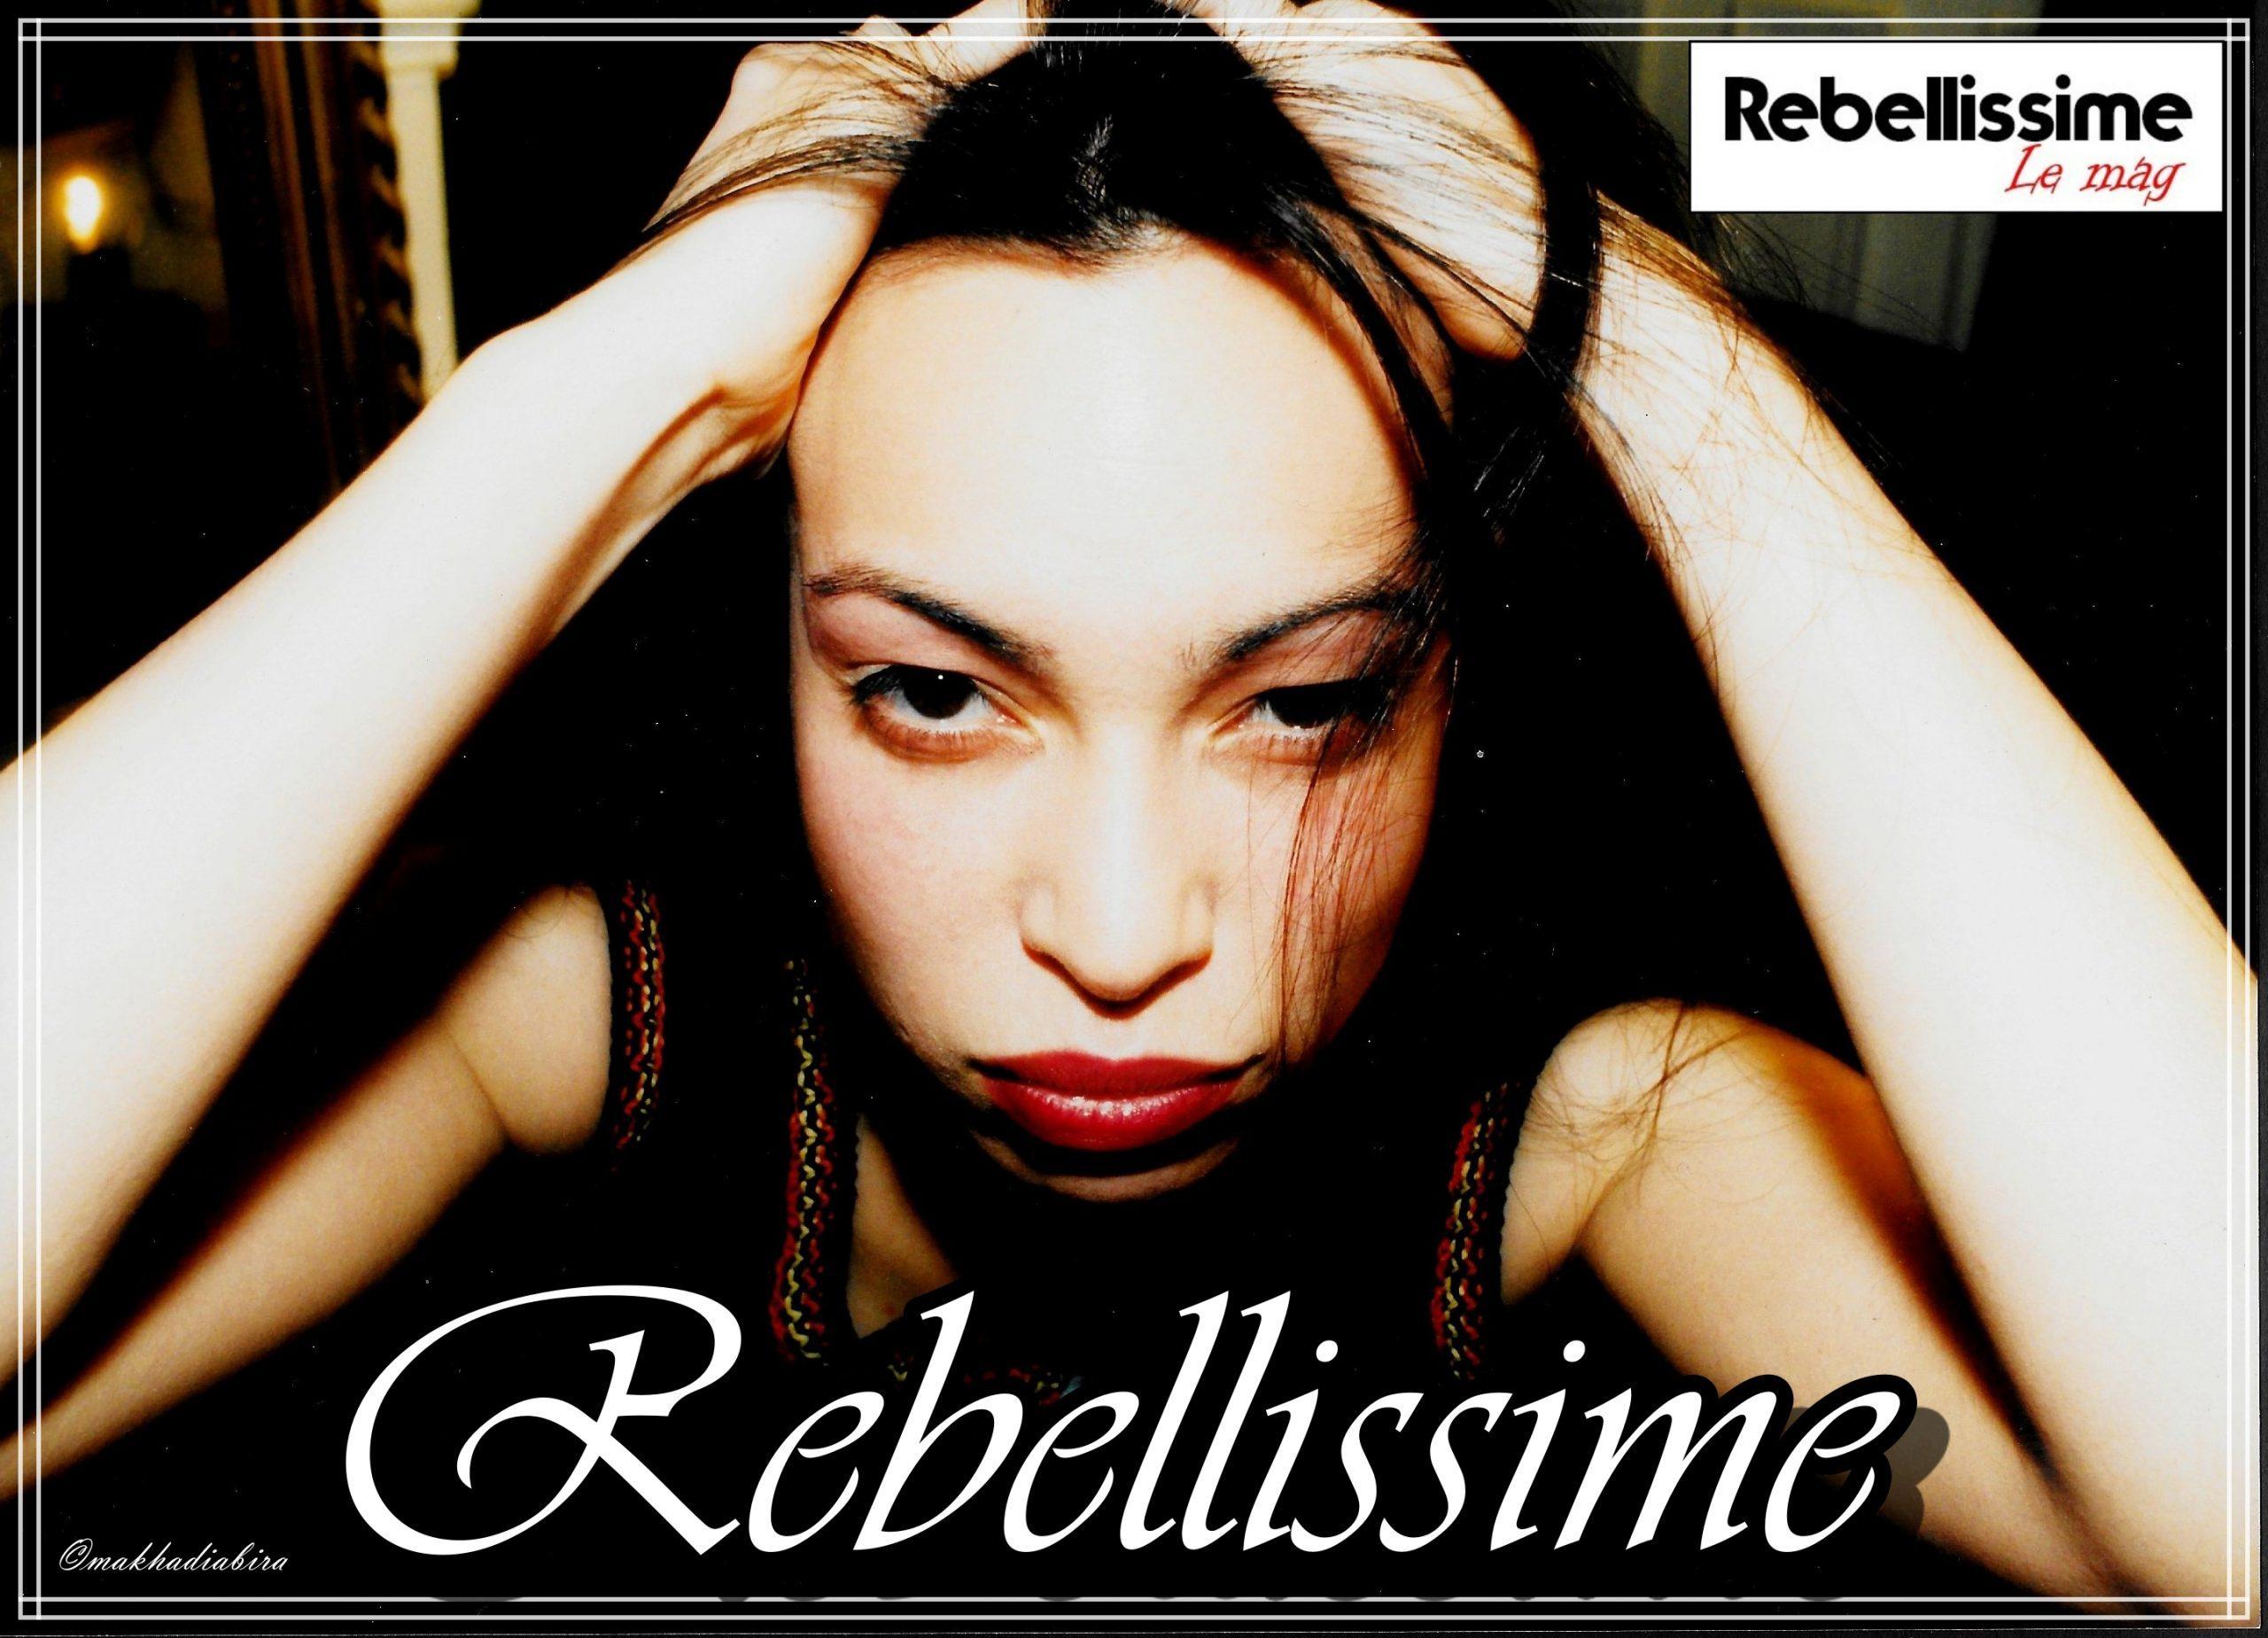 Rebellissime